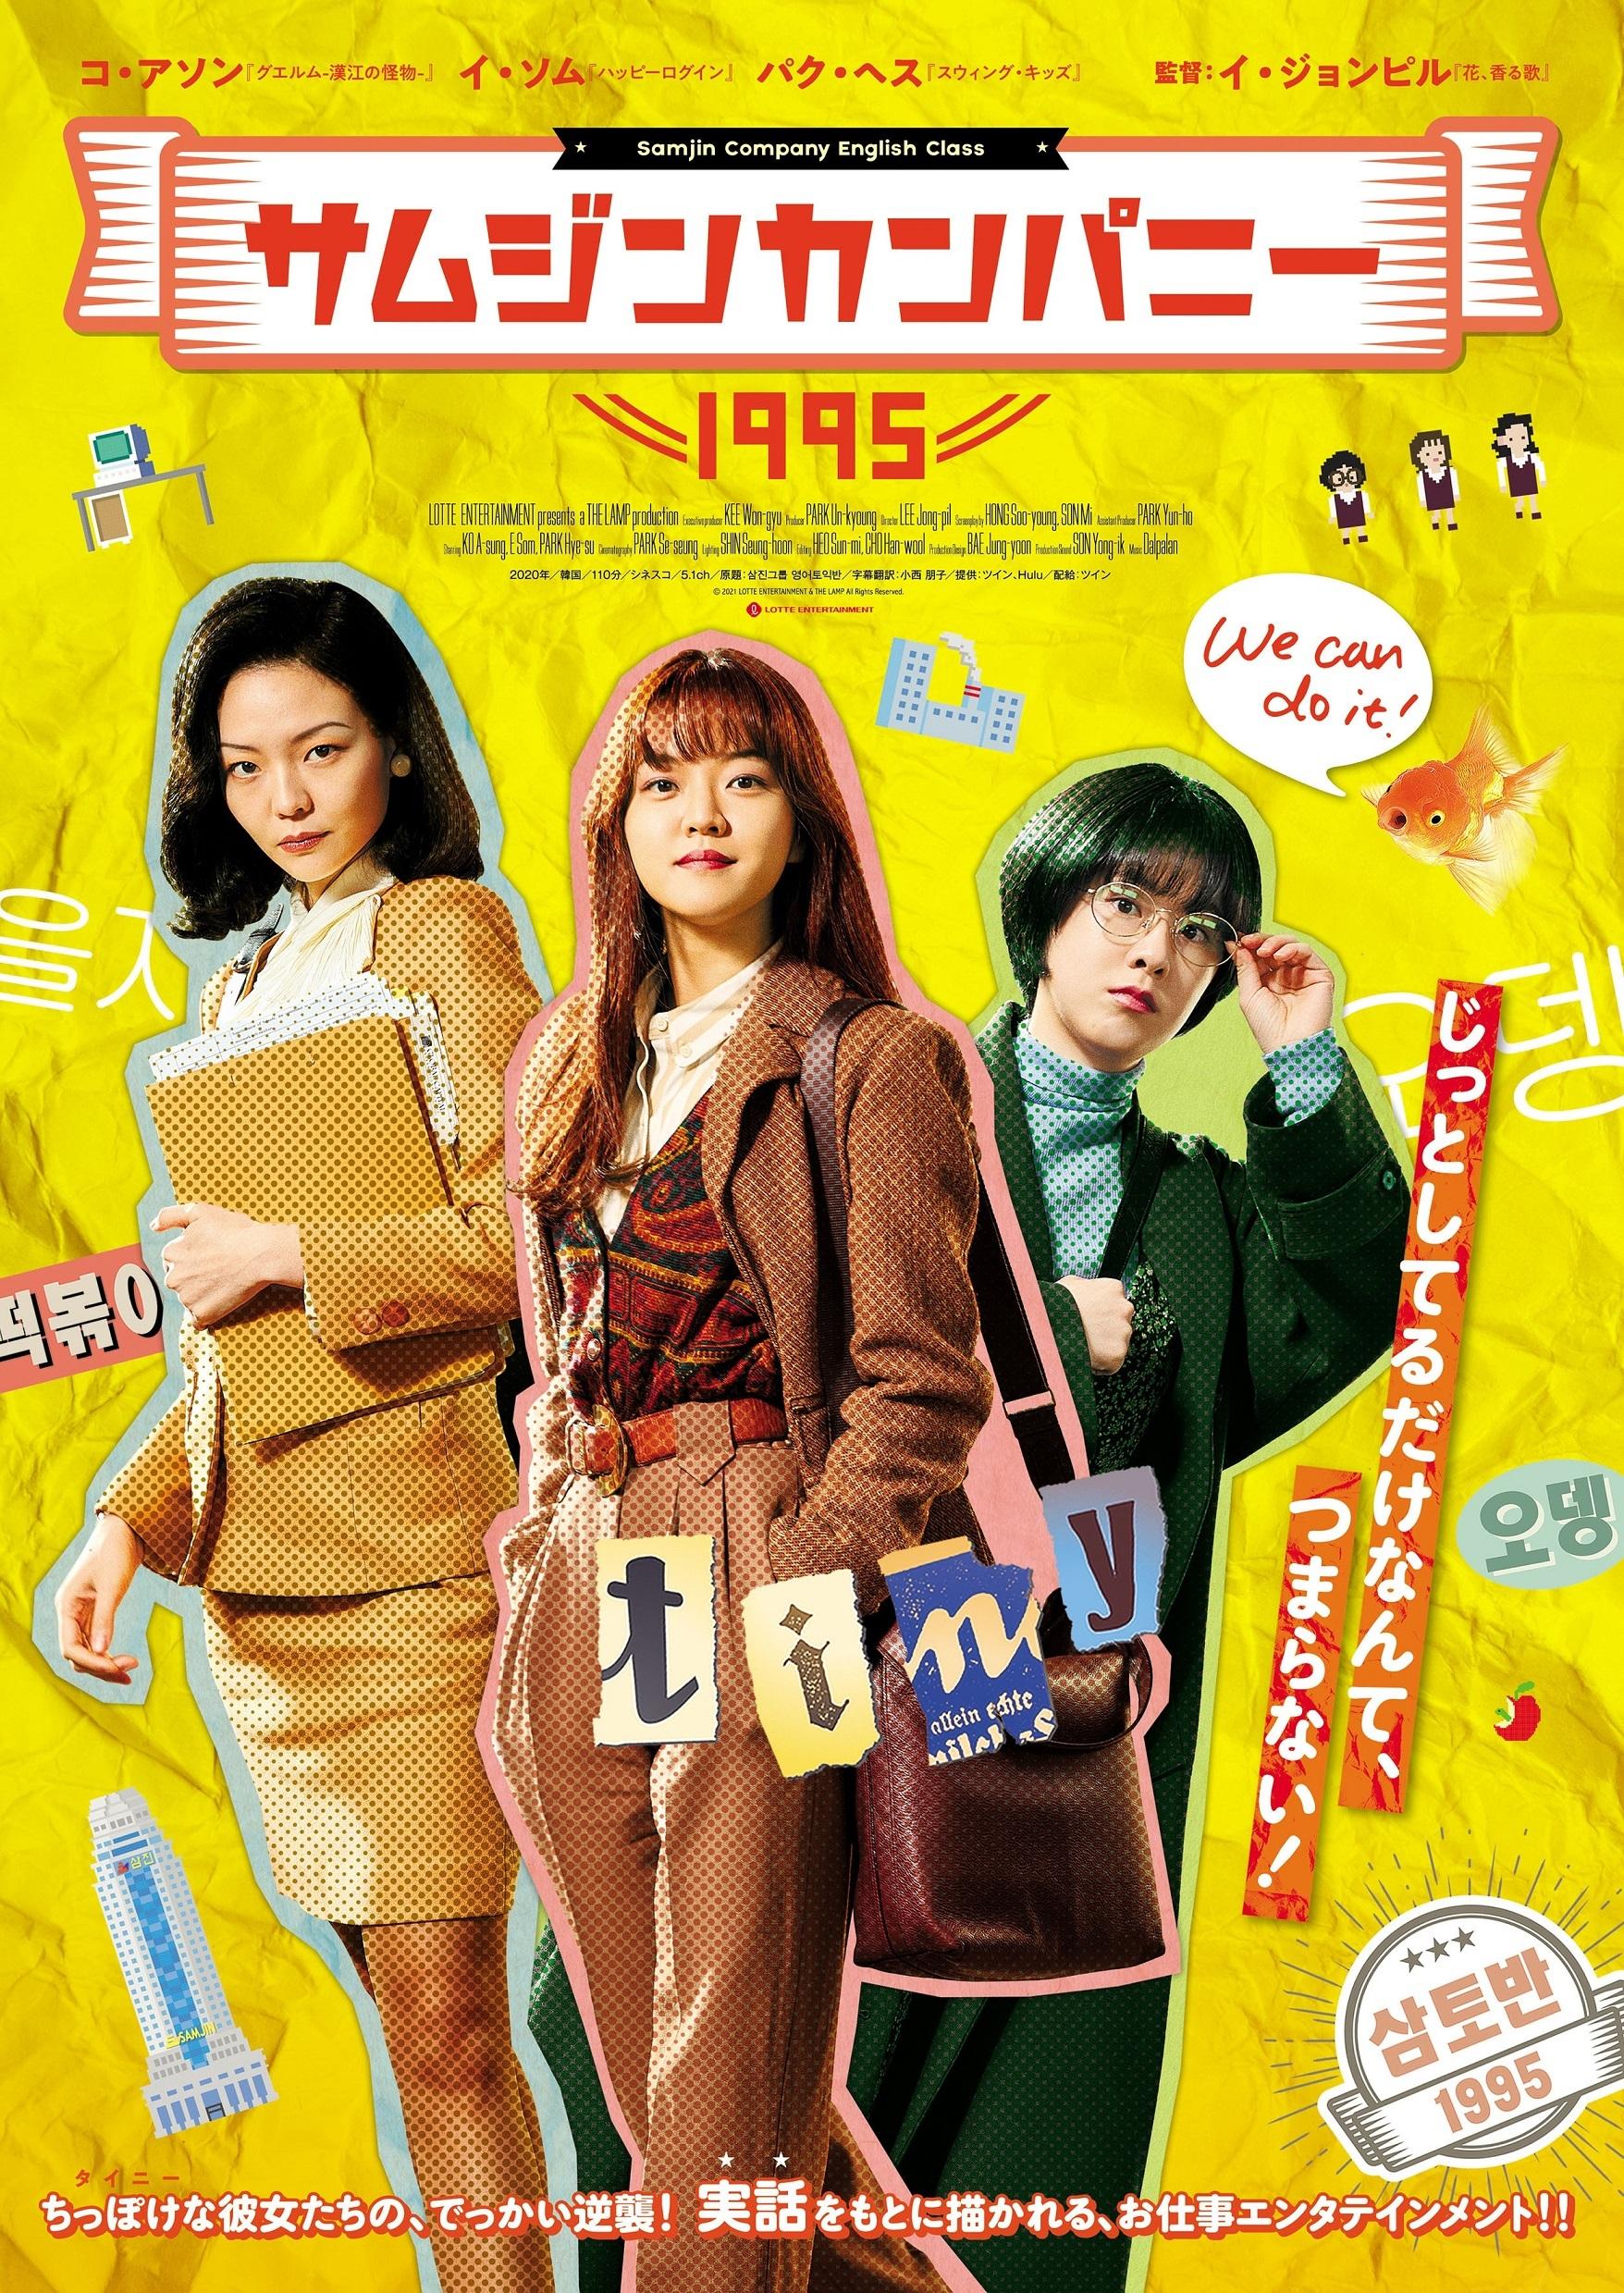 夏の話題作、推しドラマ&映画が大渋滞!!_1_4-1